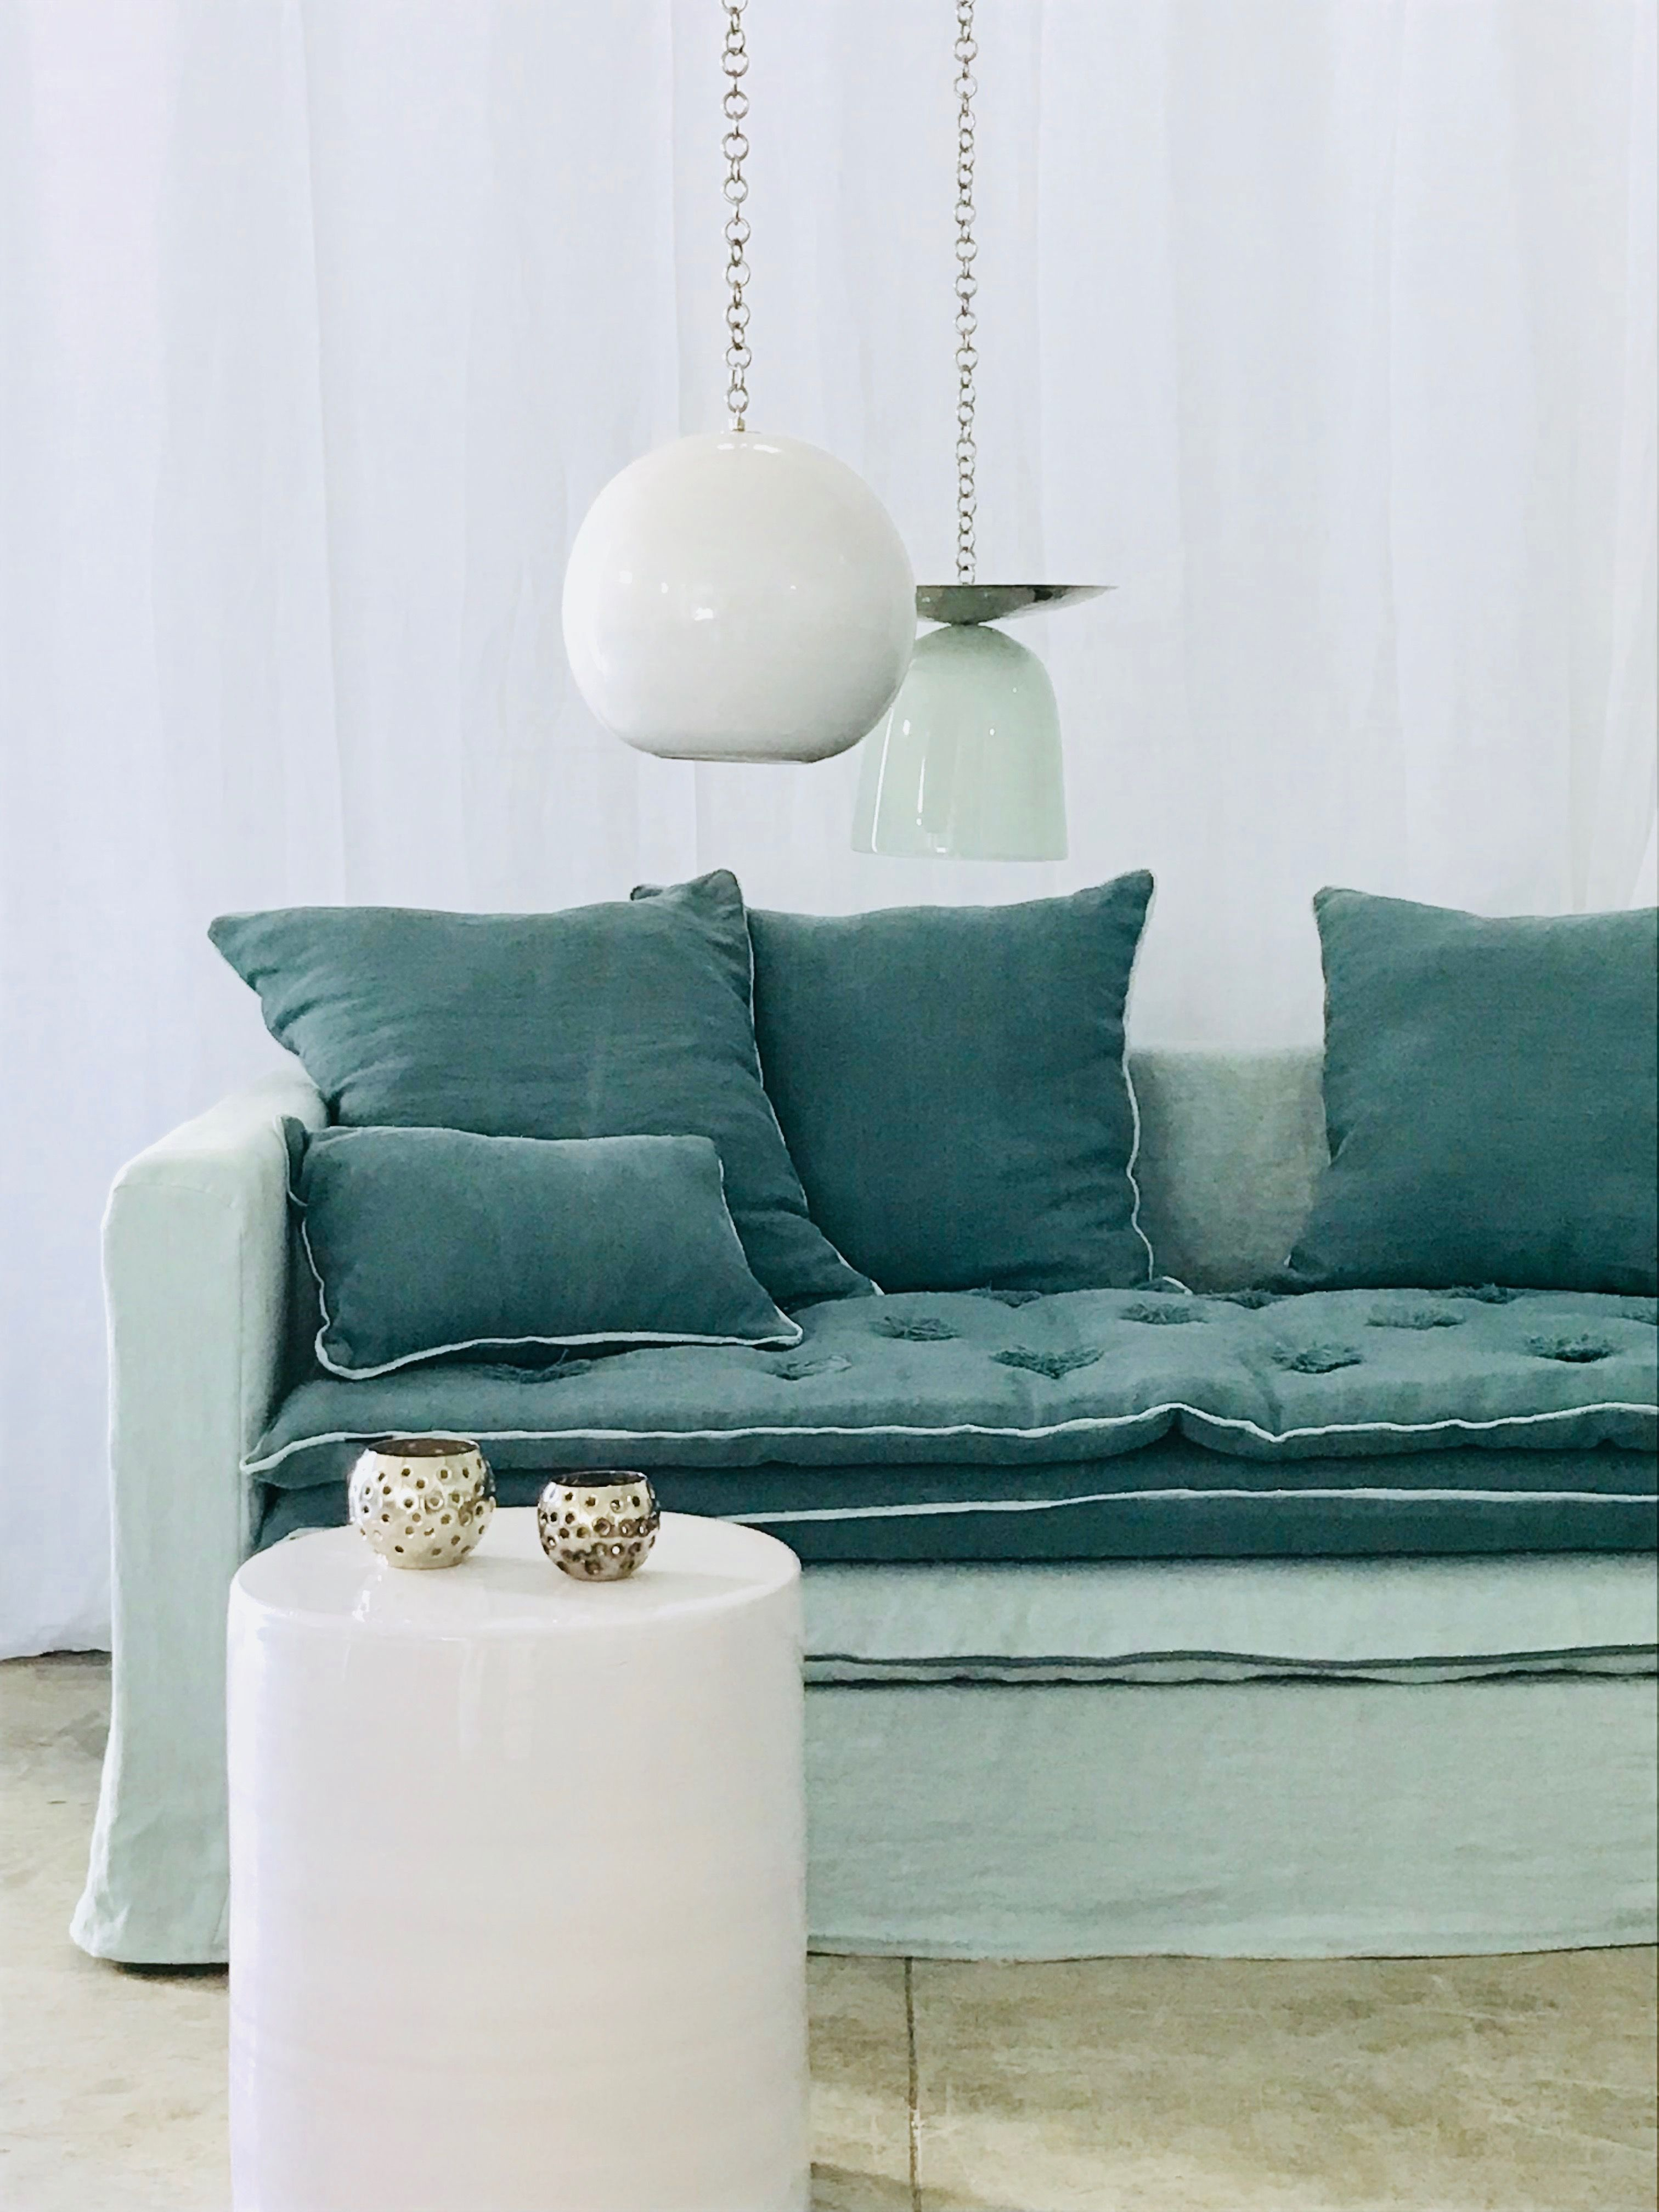 Canape Boheme Lin Lave Vert Celadon Et Vert Bouteille Canape Vert Canape Mobilier De Salon